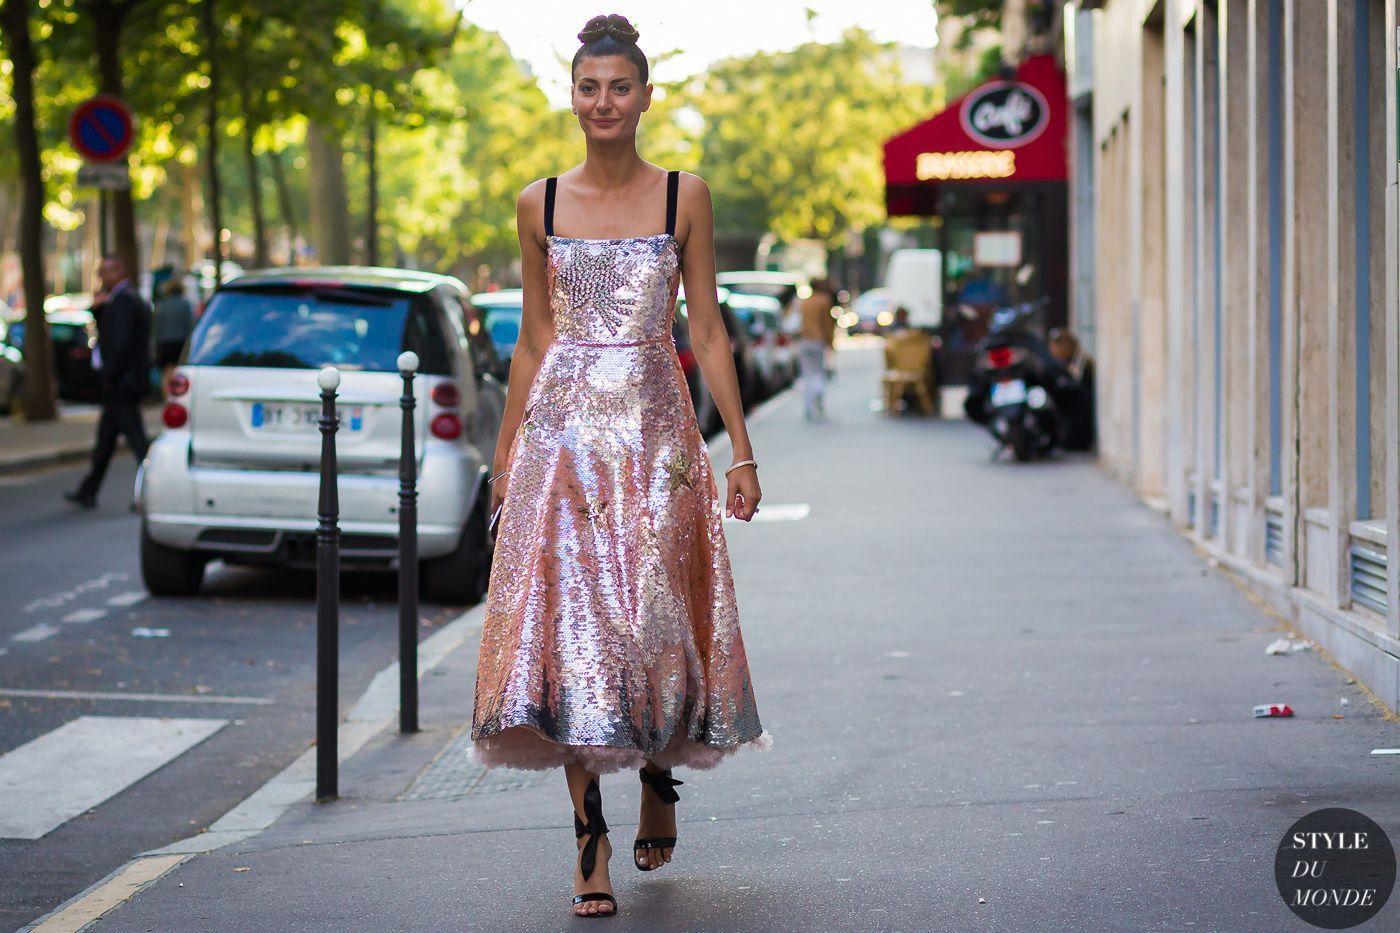 Trik Kenakan Busana Warna Rose Gold untuk Dipakai ke Acara Formal